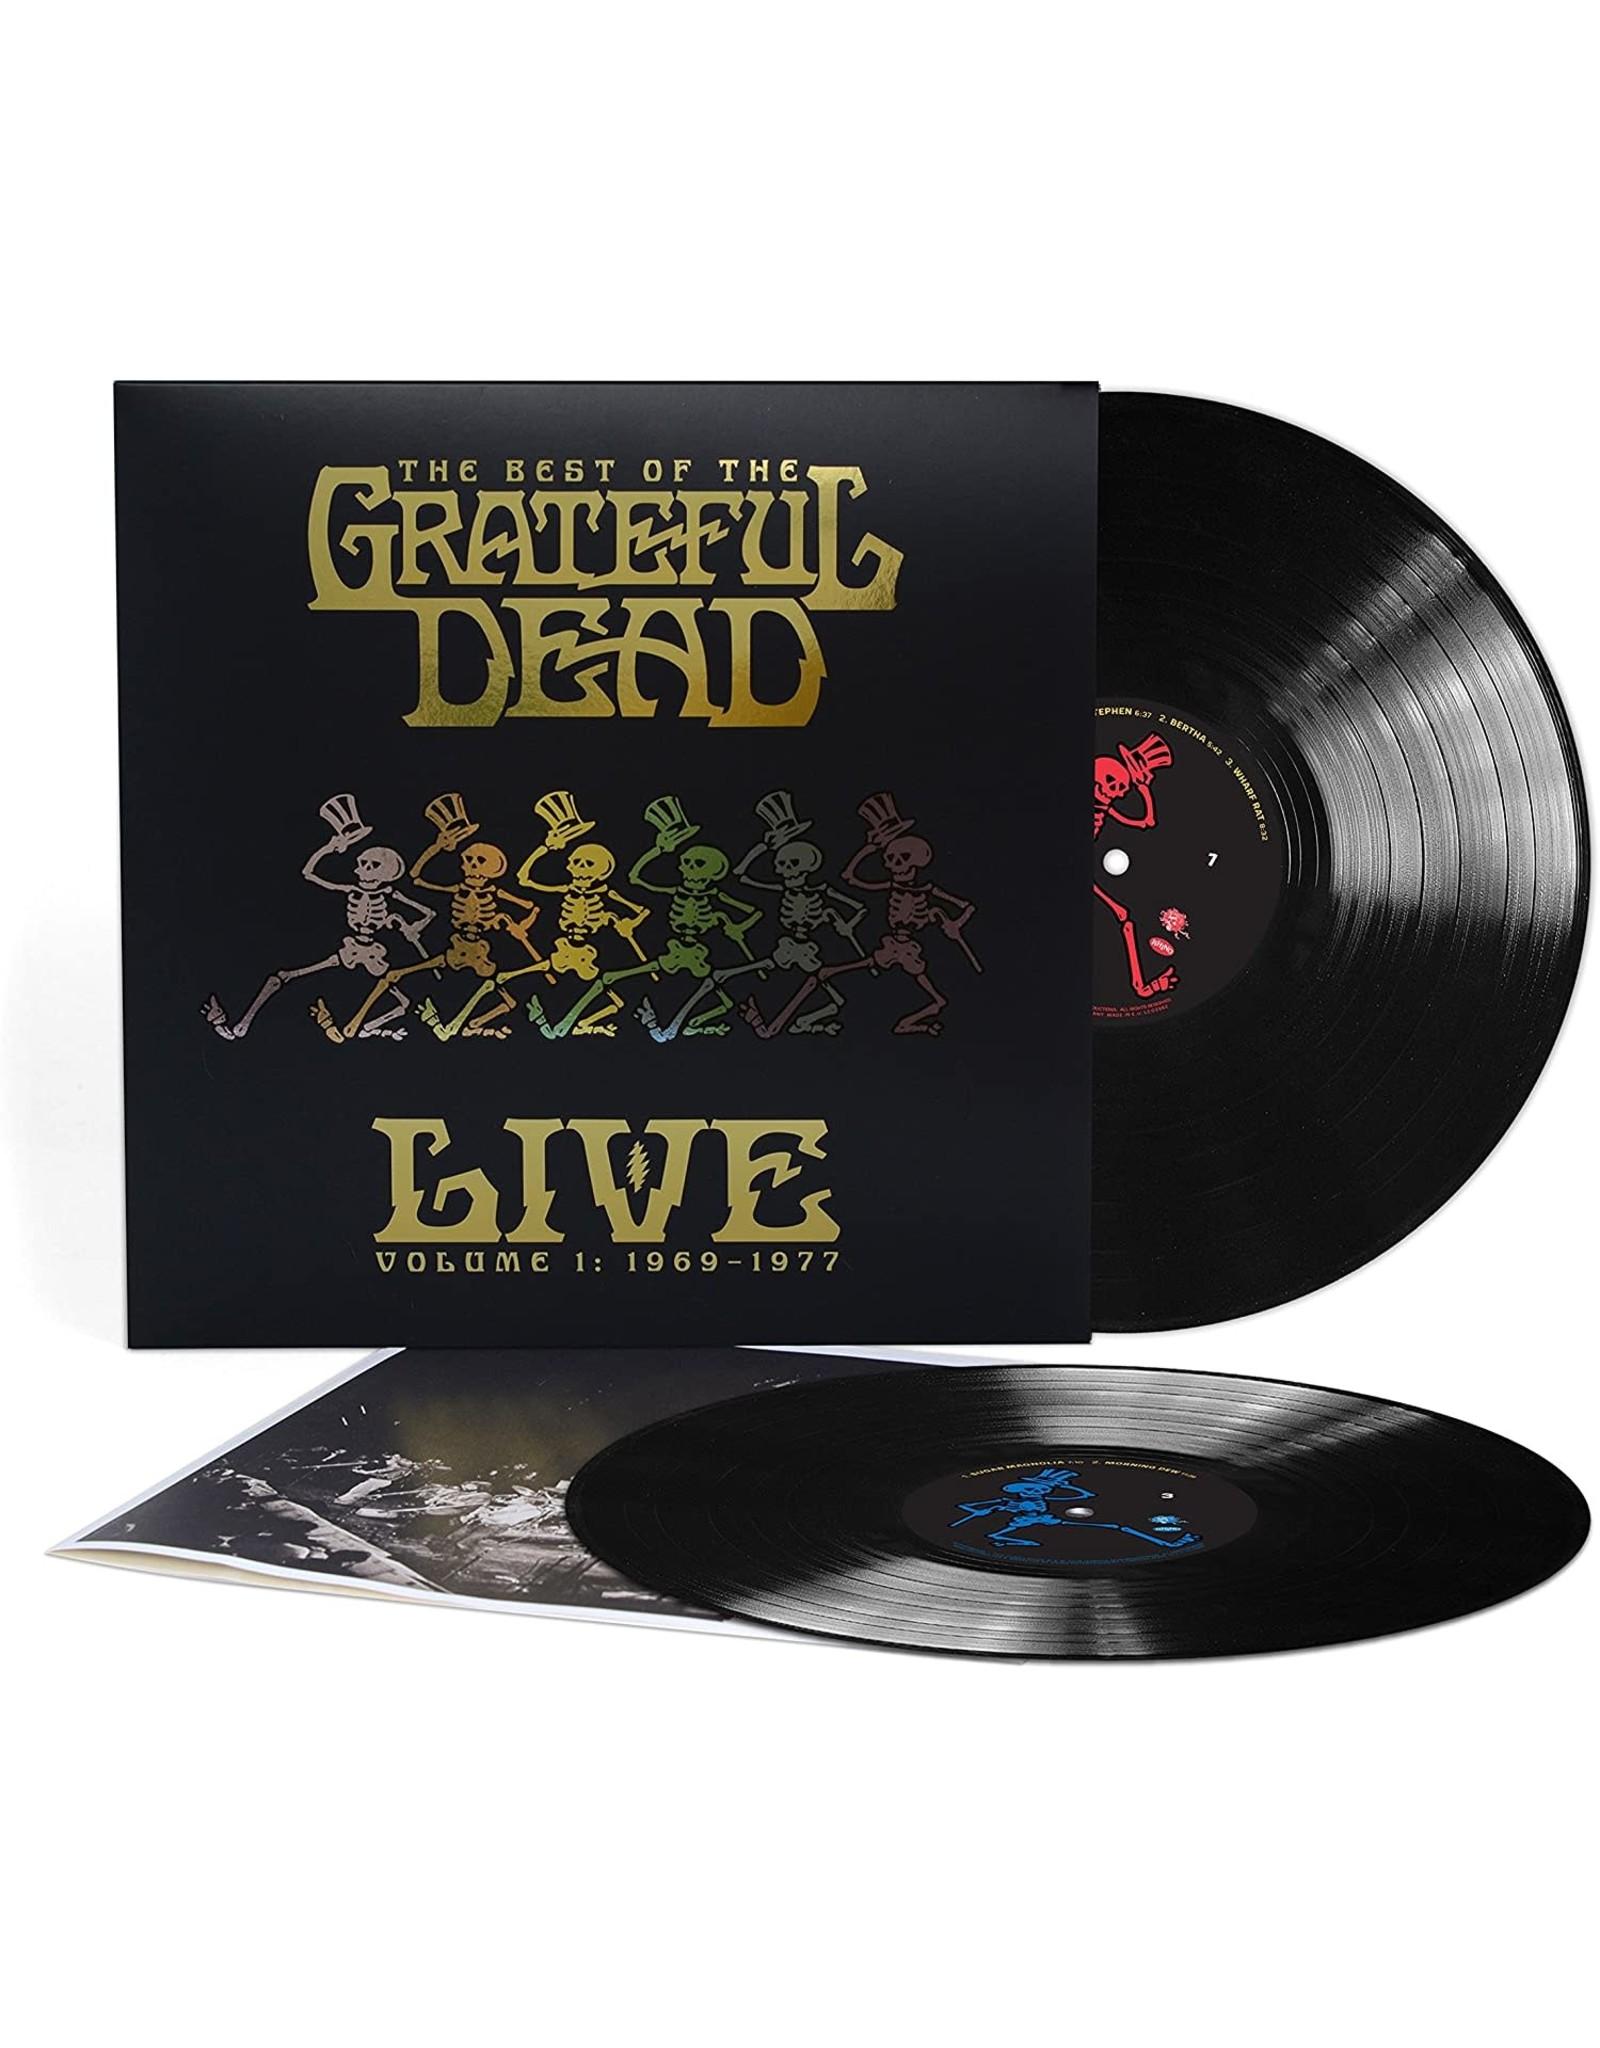 Grateful Dead - Best of the Grateful Dead Live Vol.1 : 1969-1977 (2LP)